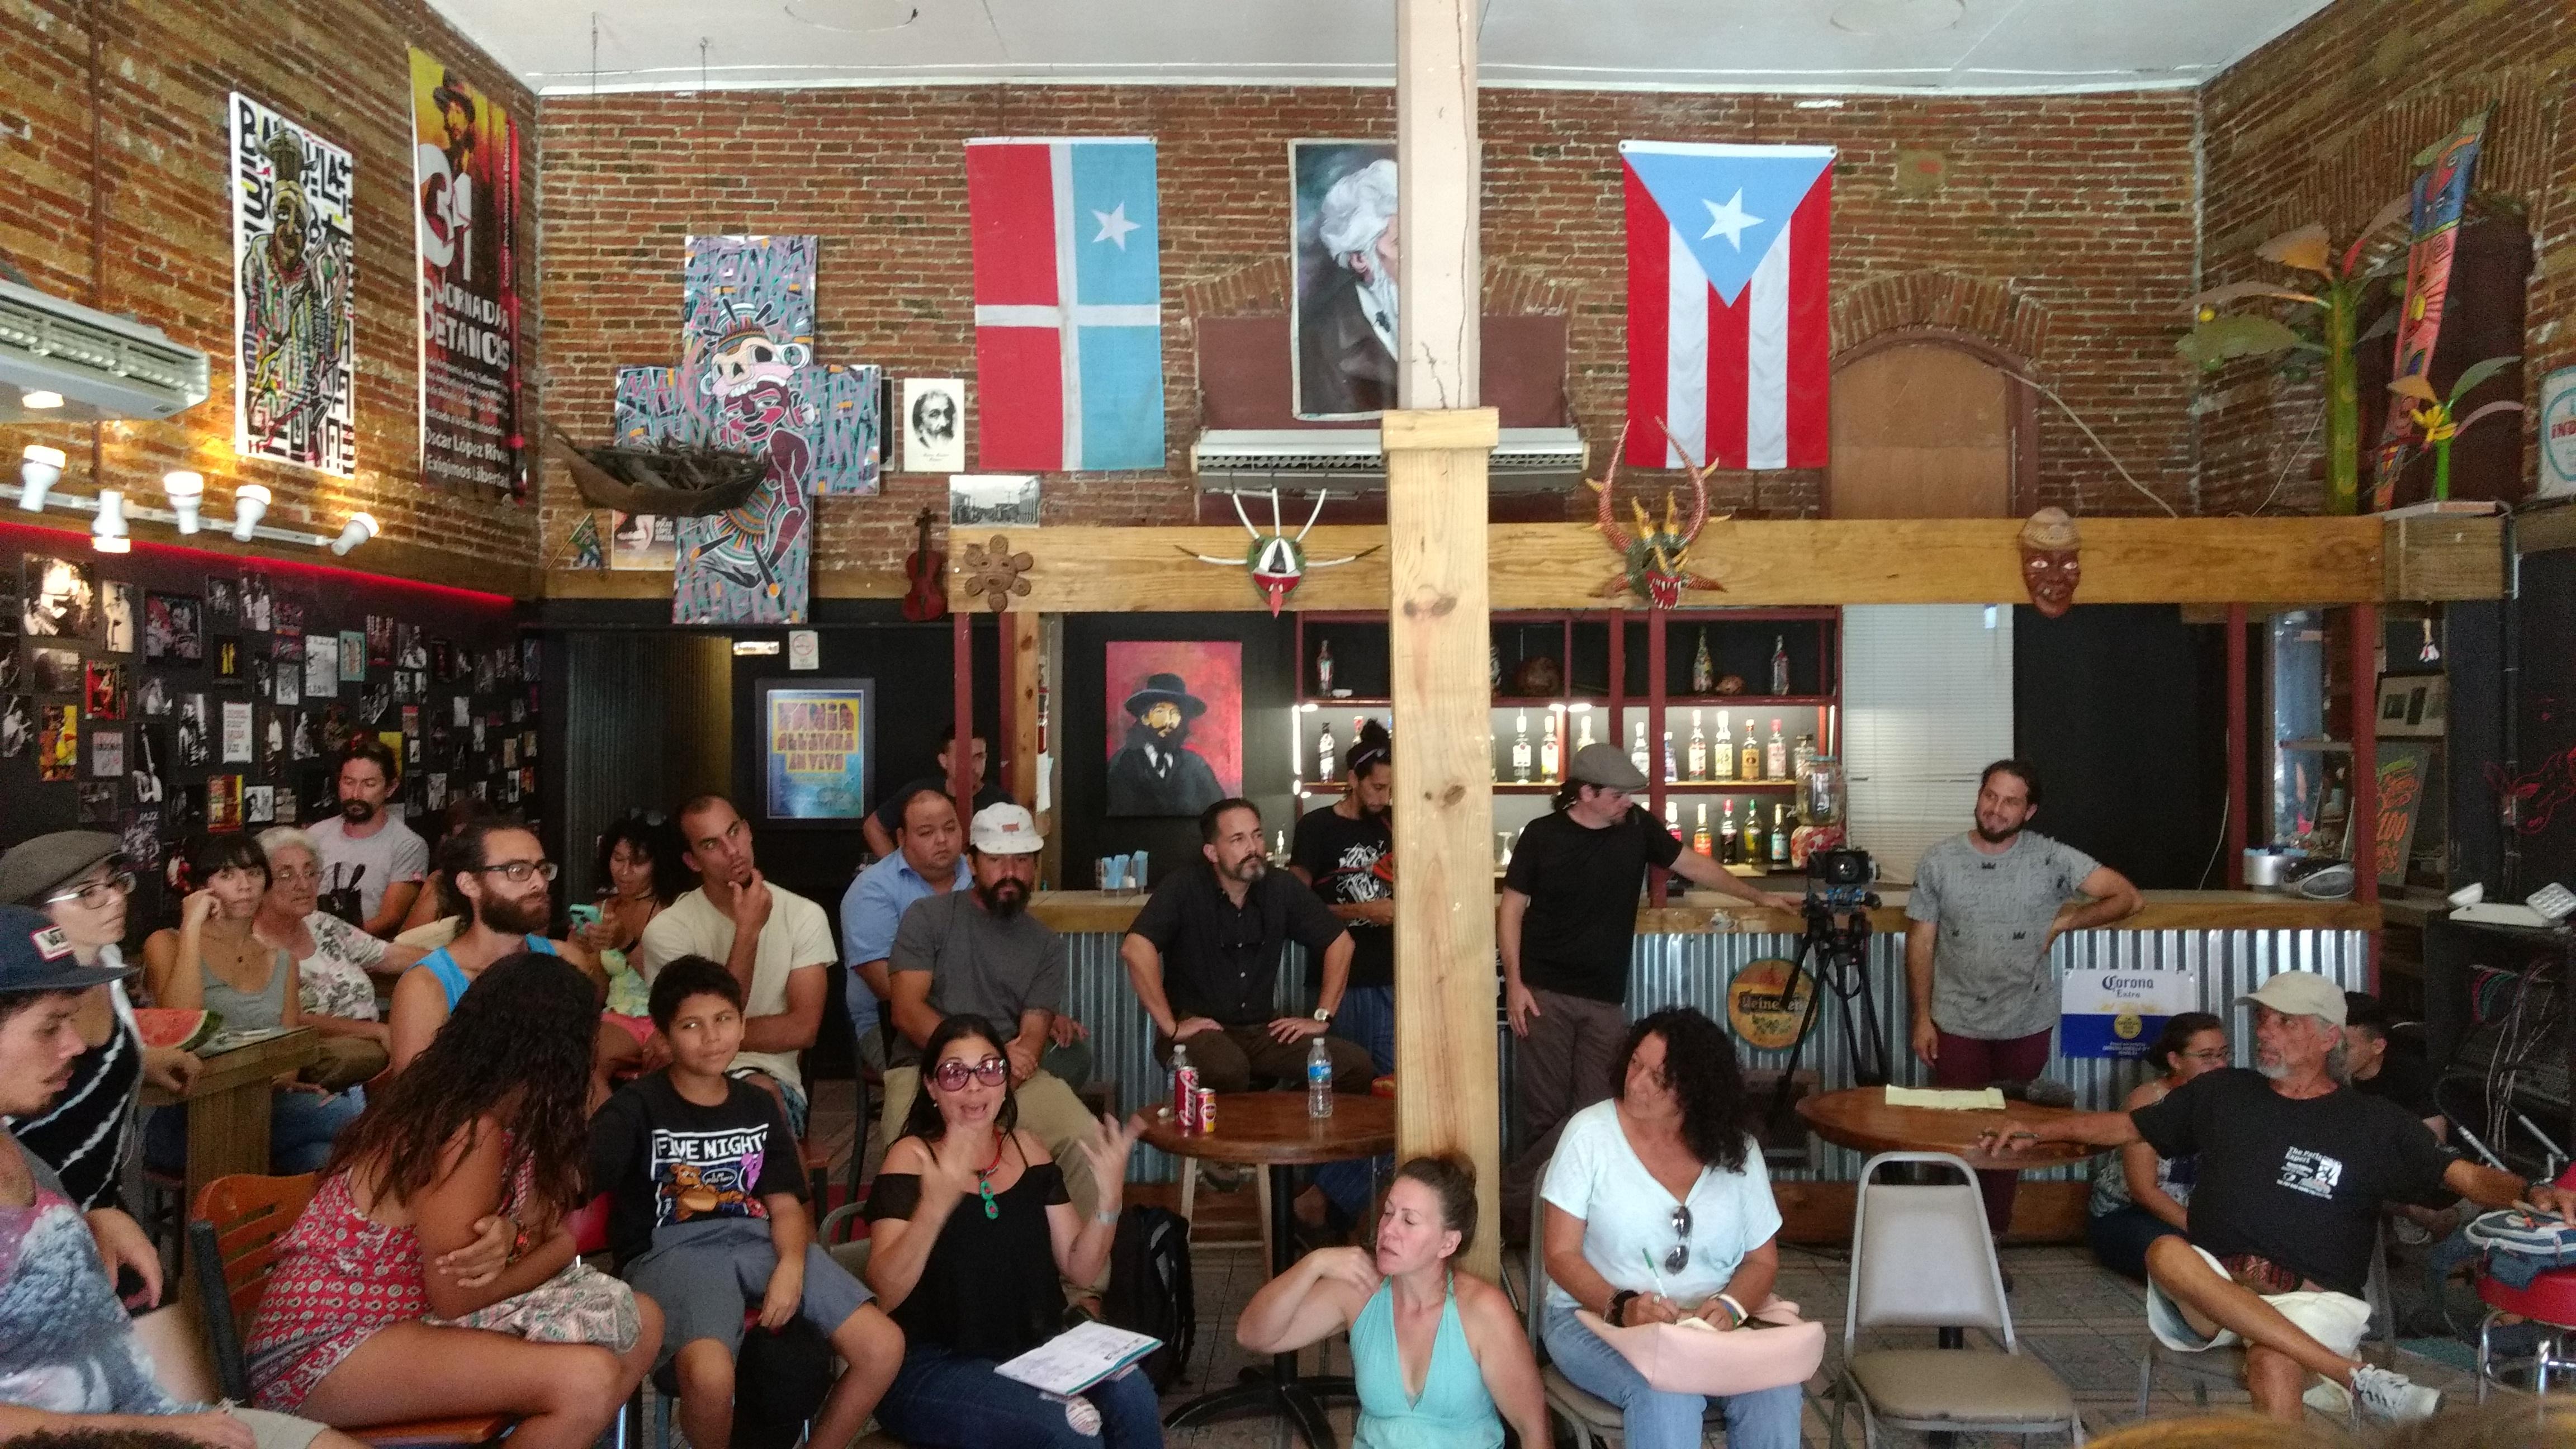 Reunión de la Brigada Solidaria del Oeste, foto de Ana Portnoy